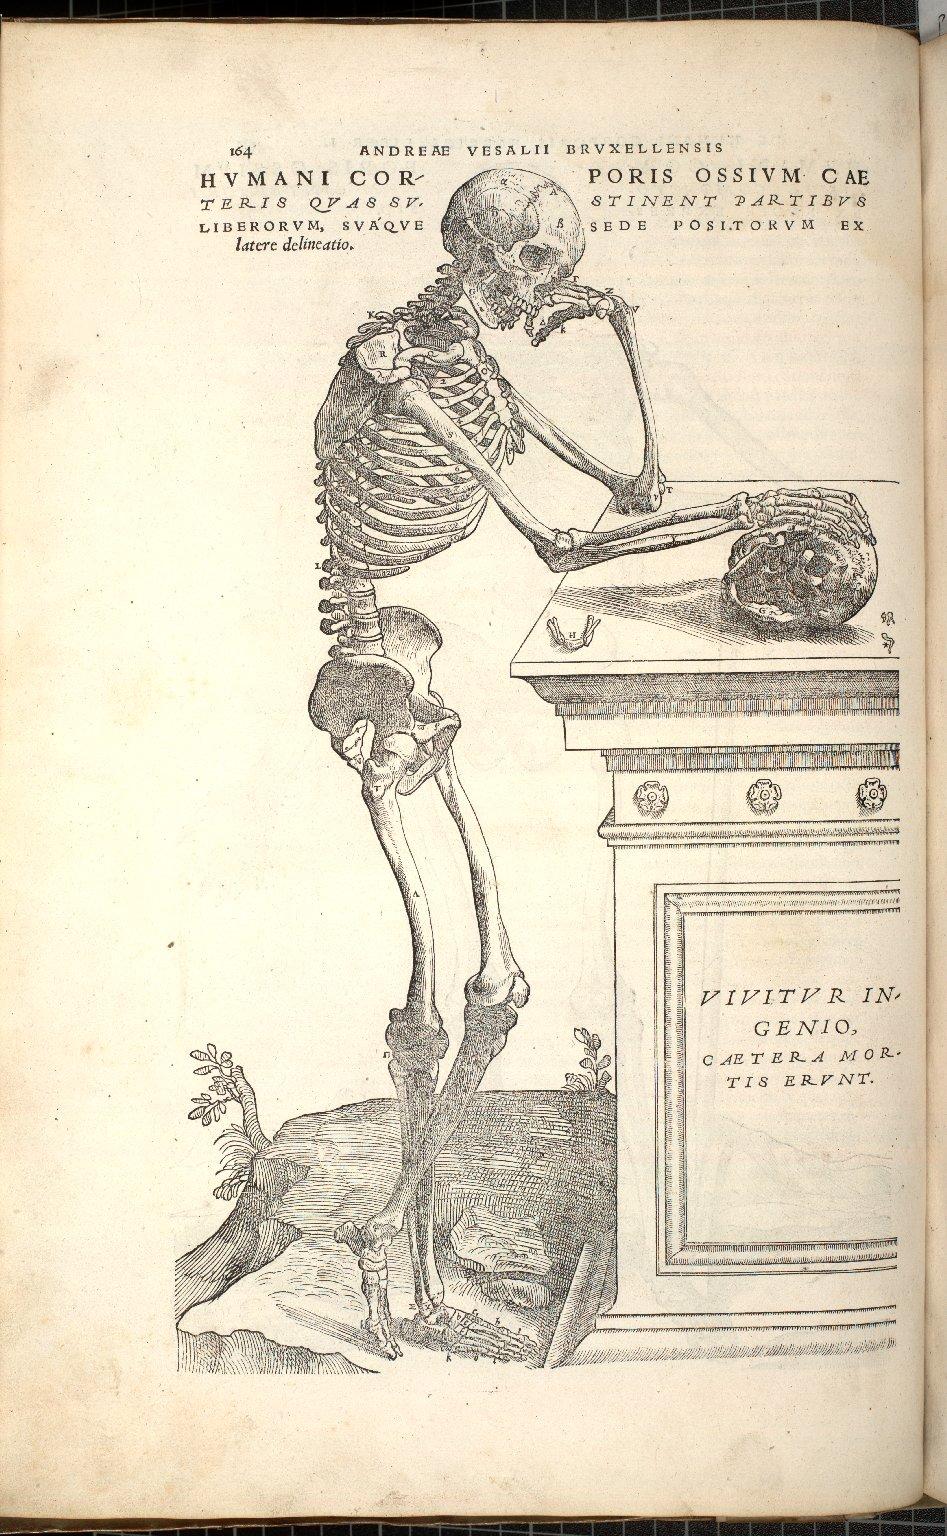 Humani Corporis Ossium Caeteris Quas Sustinent Partibus Liberorum Suaquesede Positorum Ex latere delineatio